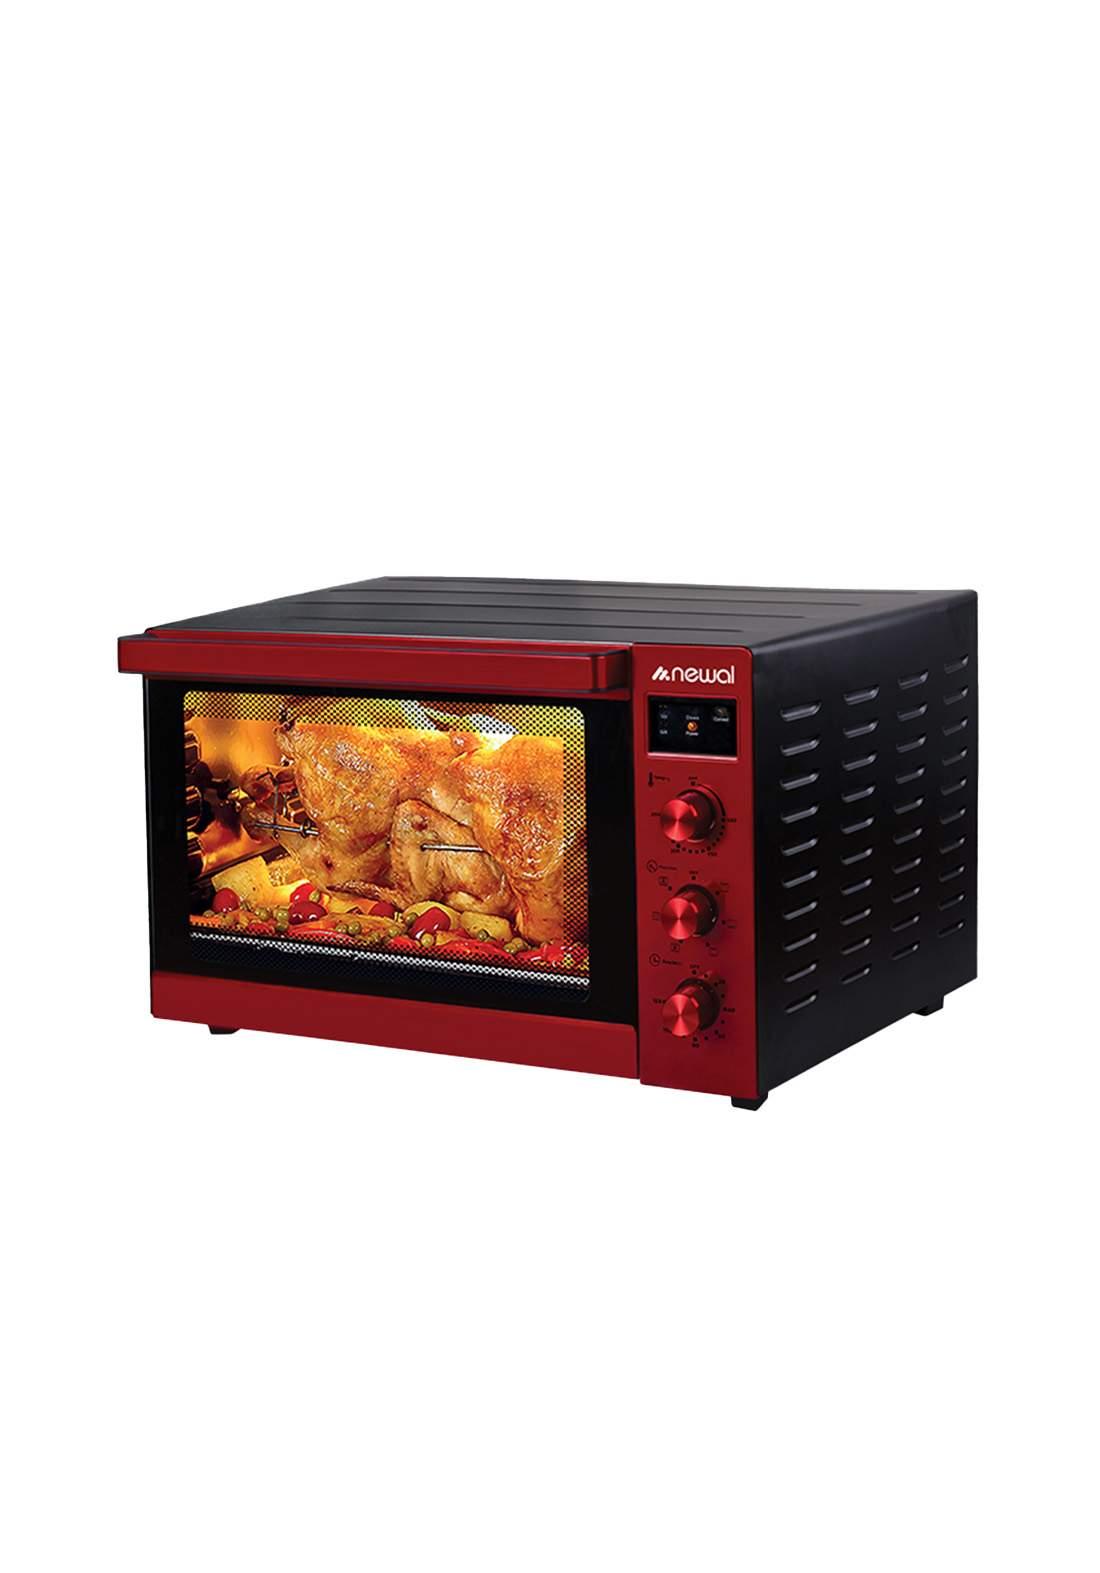 Newal Mini Oven 80L  MOV-875-03 - Red فرن كهربائي